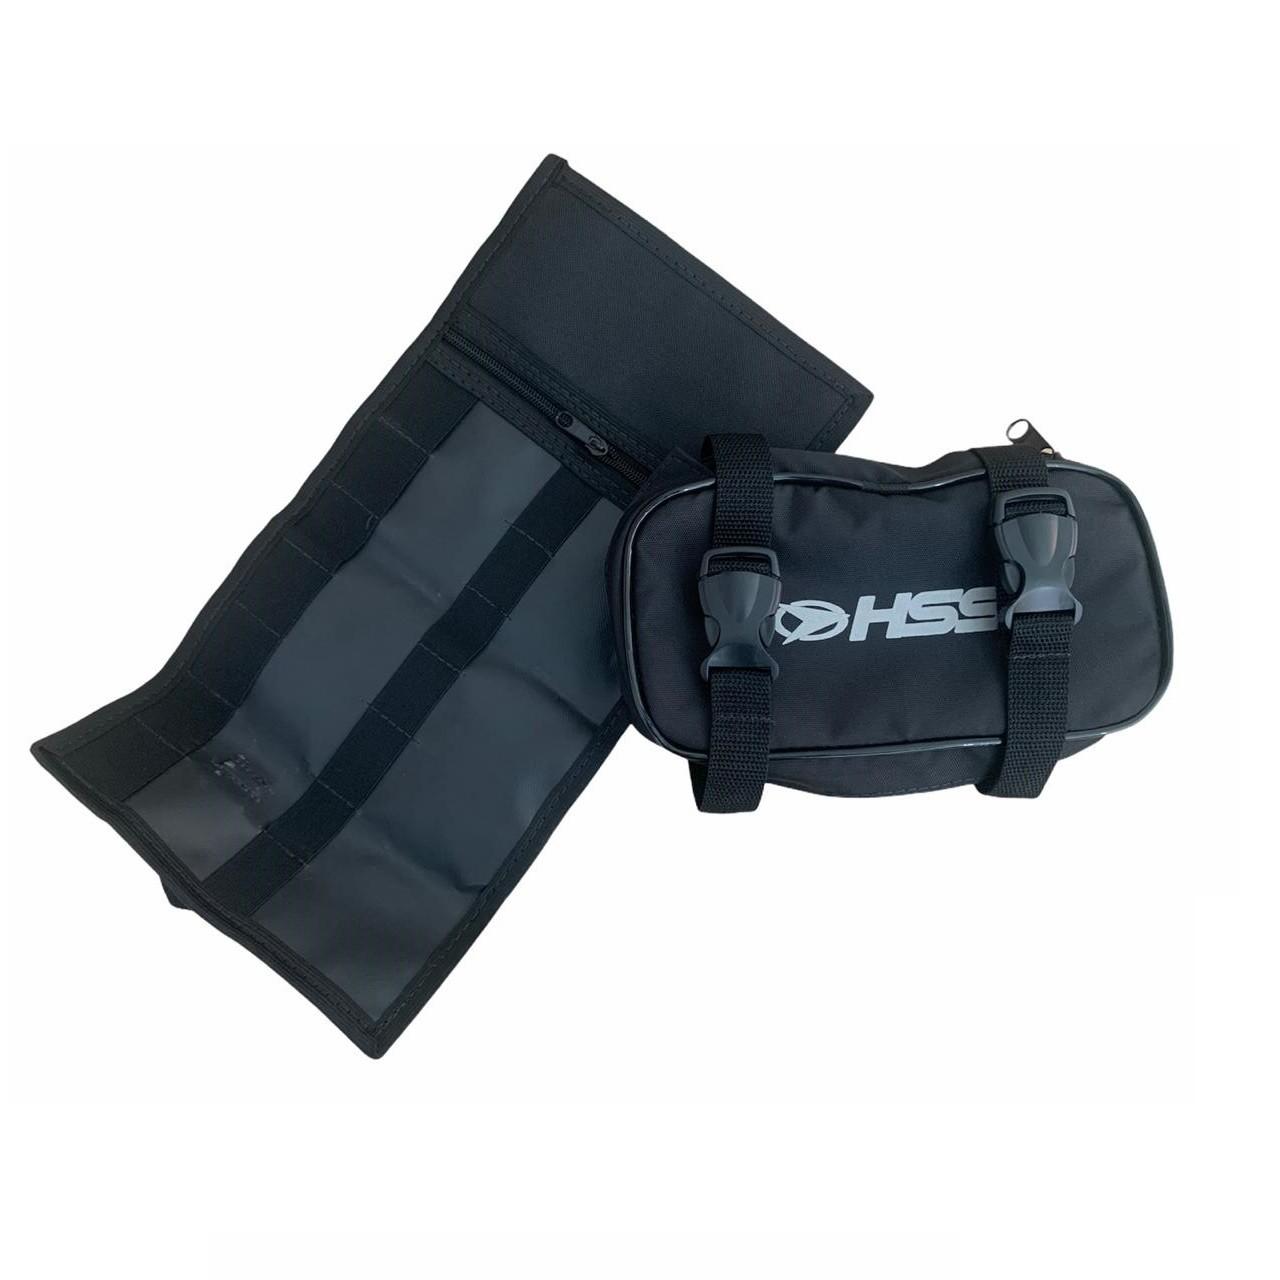 Bag de Ferramentas HSS para Paralama